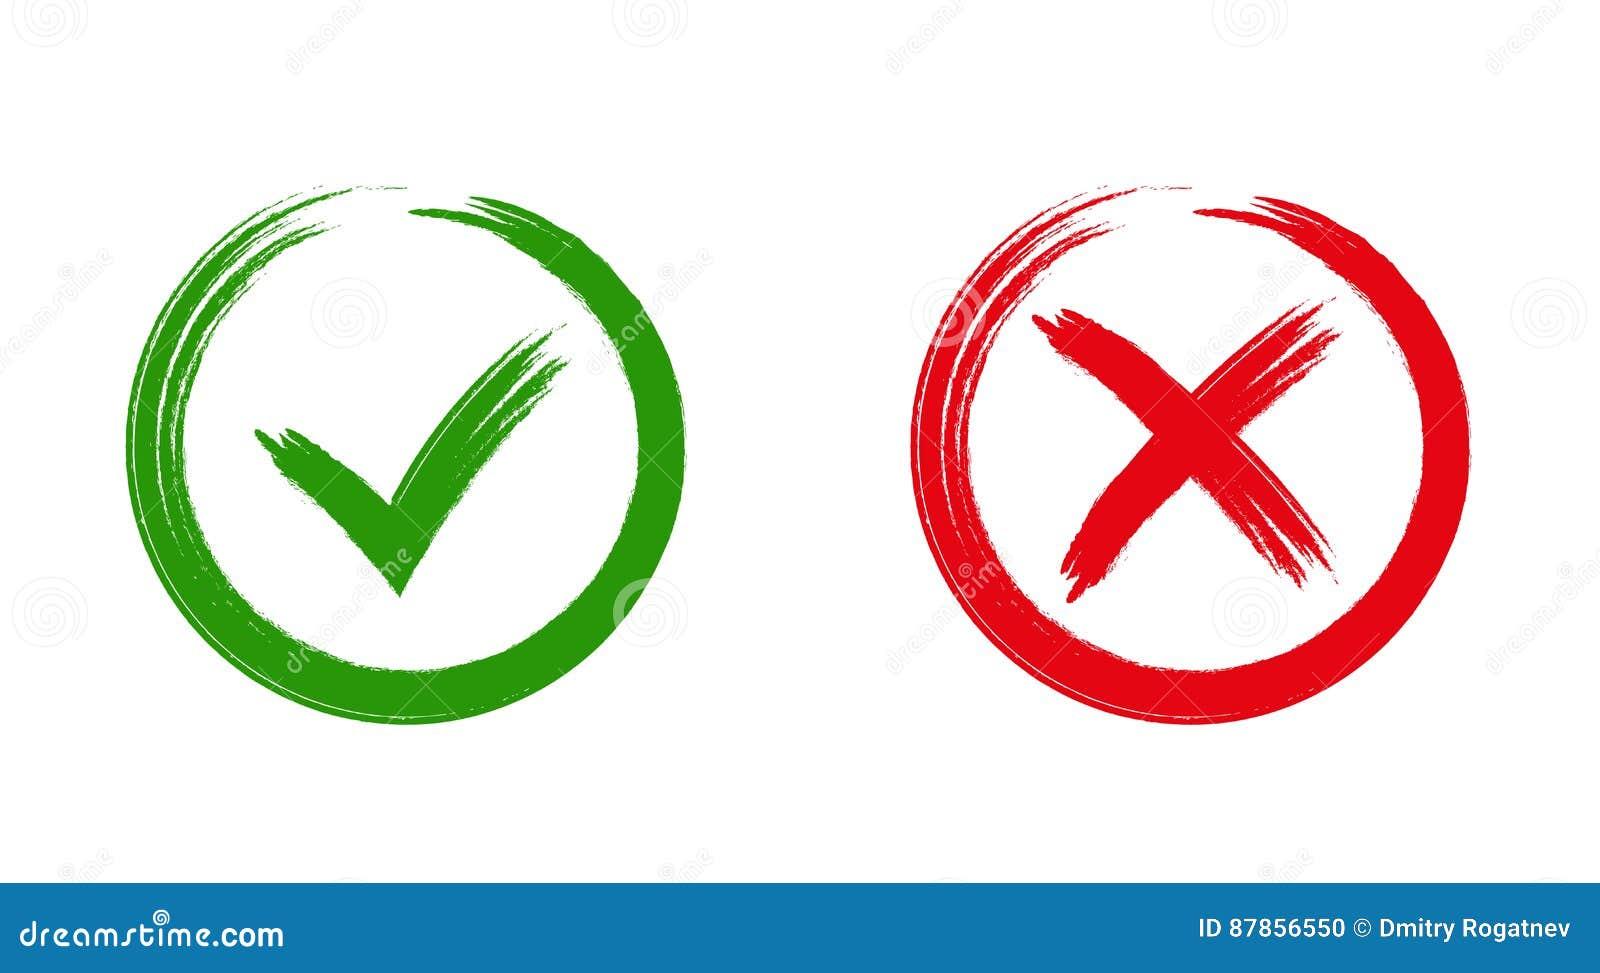 Groene controleteken O.K. en rode X pictogrammen,